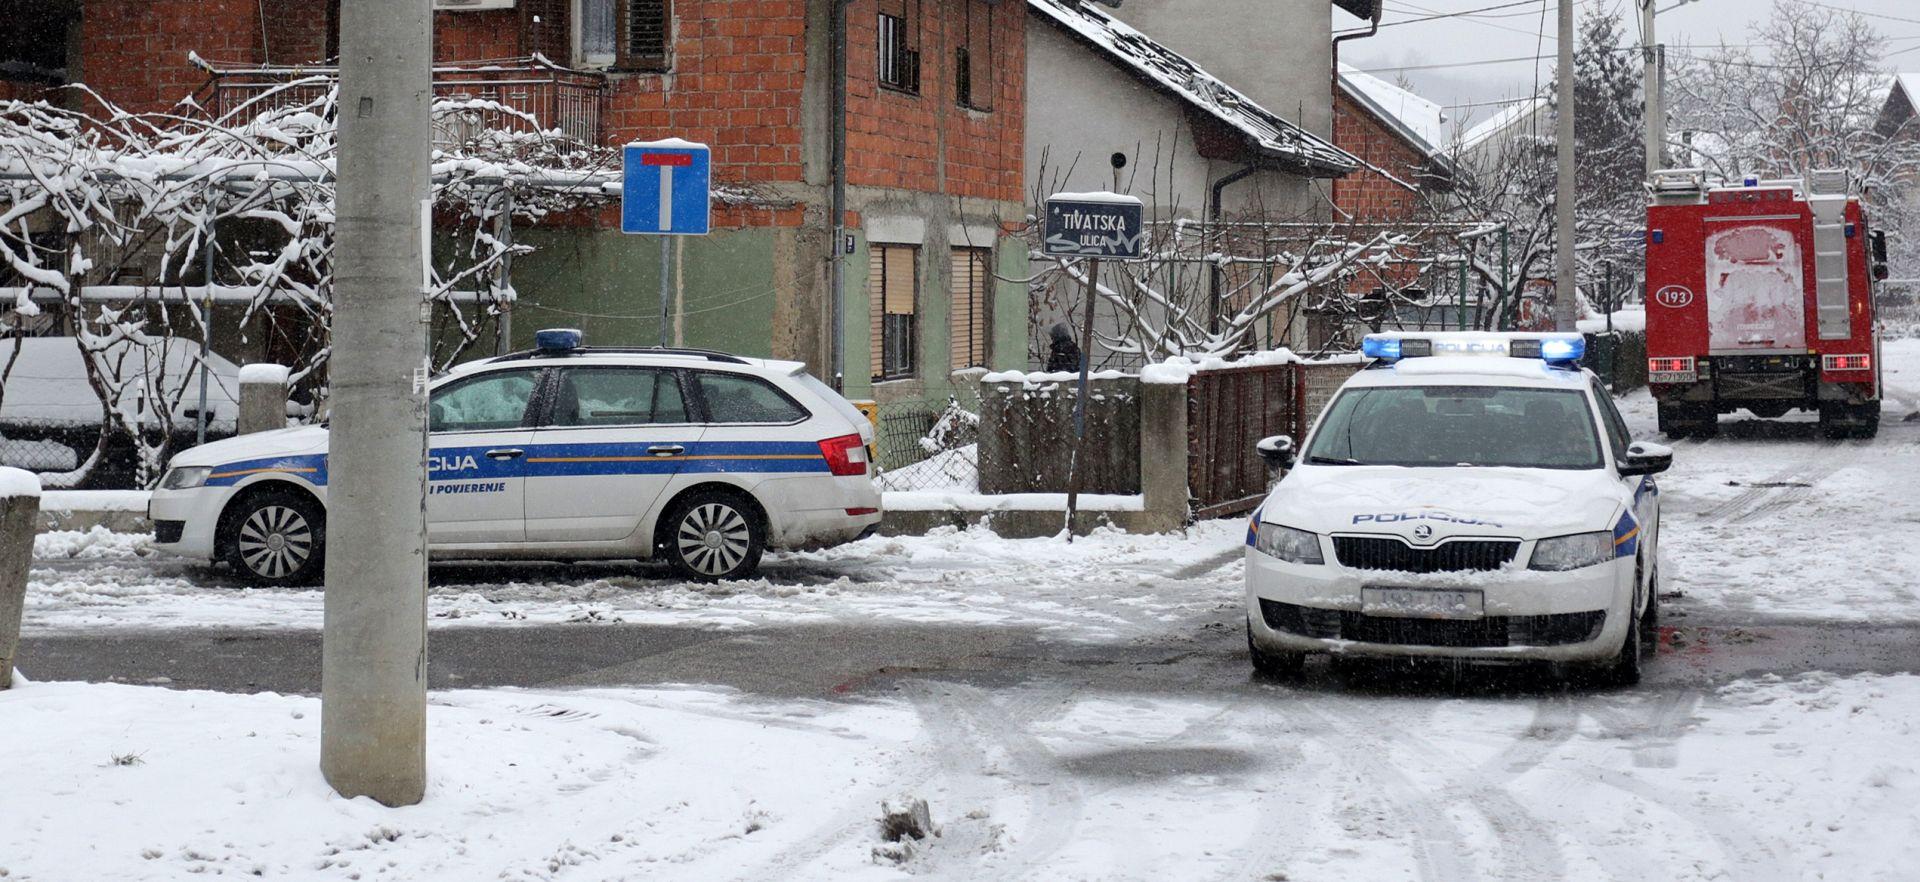 TRAGEDIJA U ZAGREBU: Nakon požara u potkrovlju kuće pronađena dva tijela